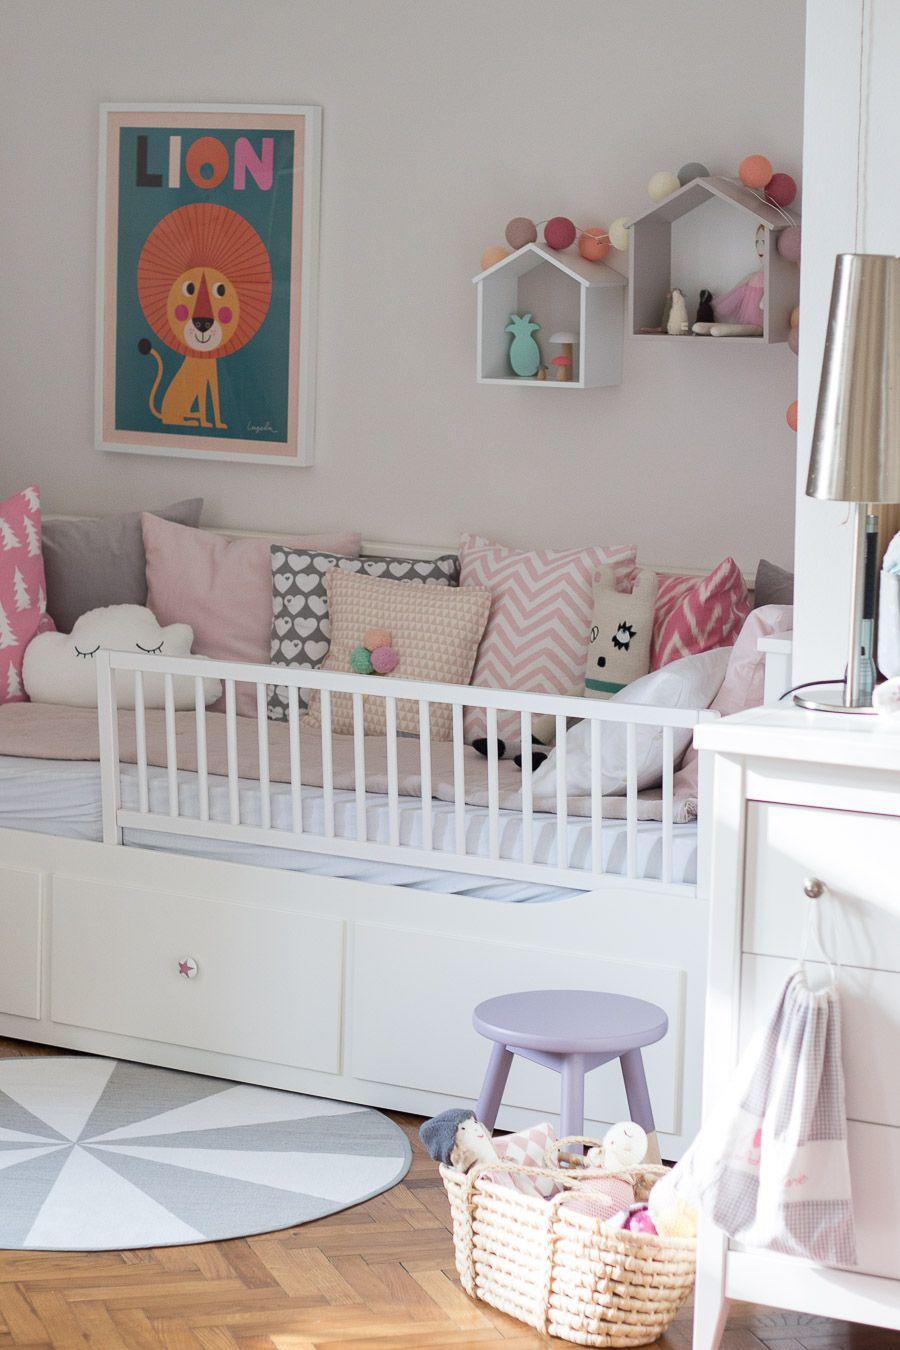 neues-kinderbett-26 | Kinderzimmer | Pinterest | HEMNES, Daybed and ...